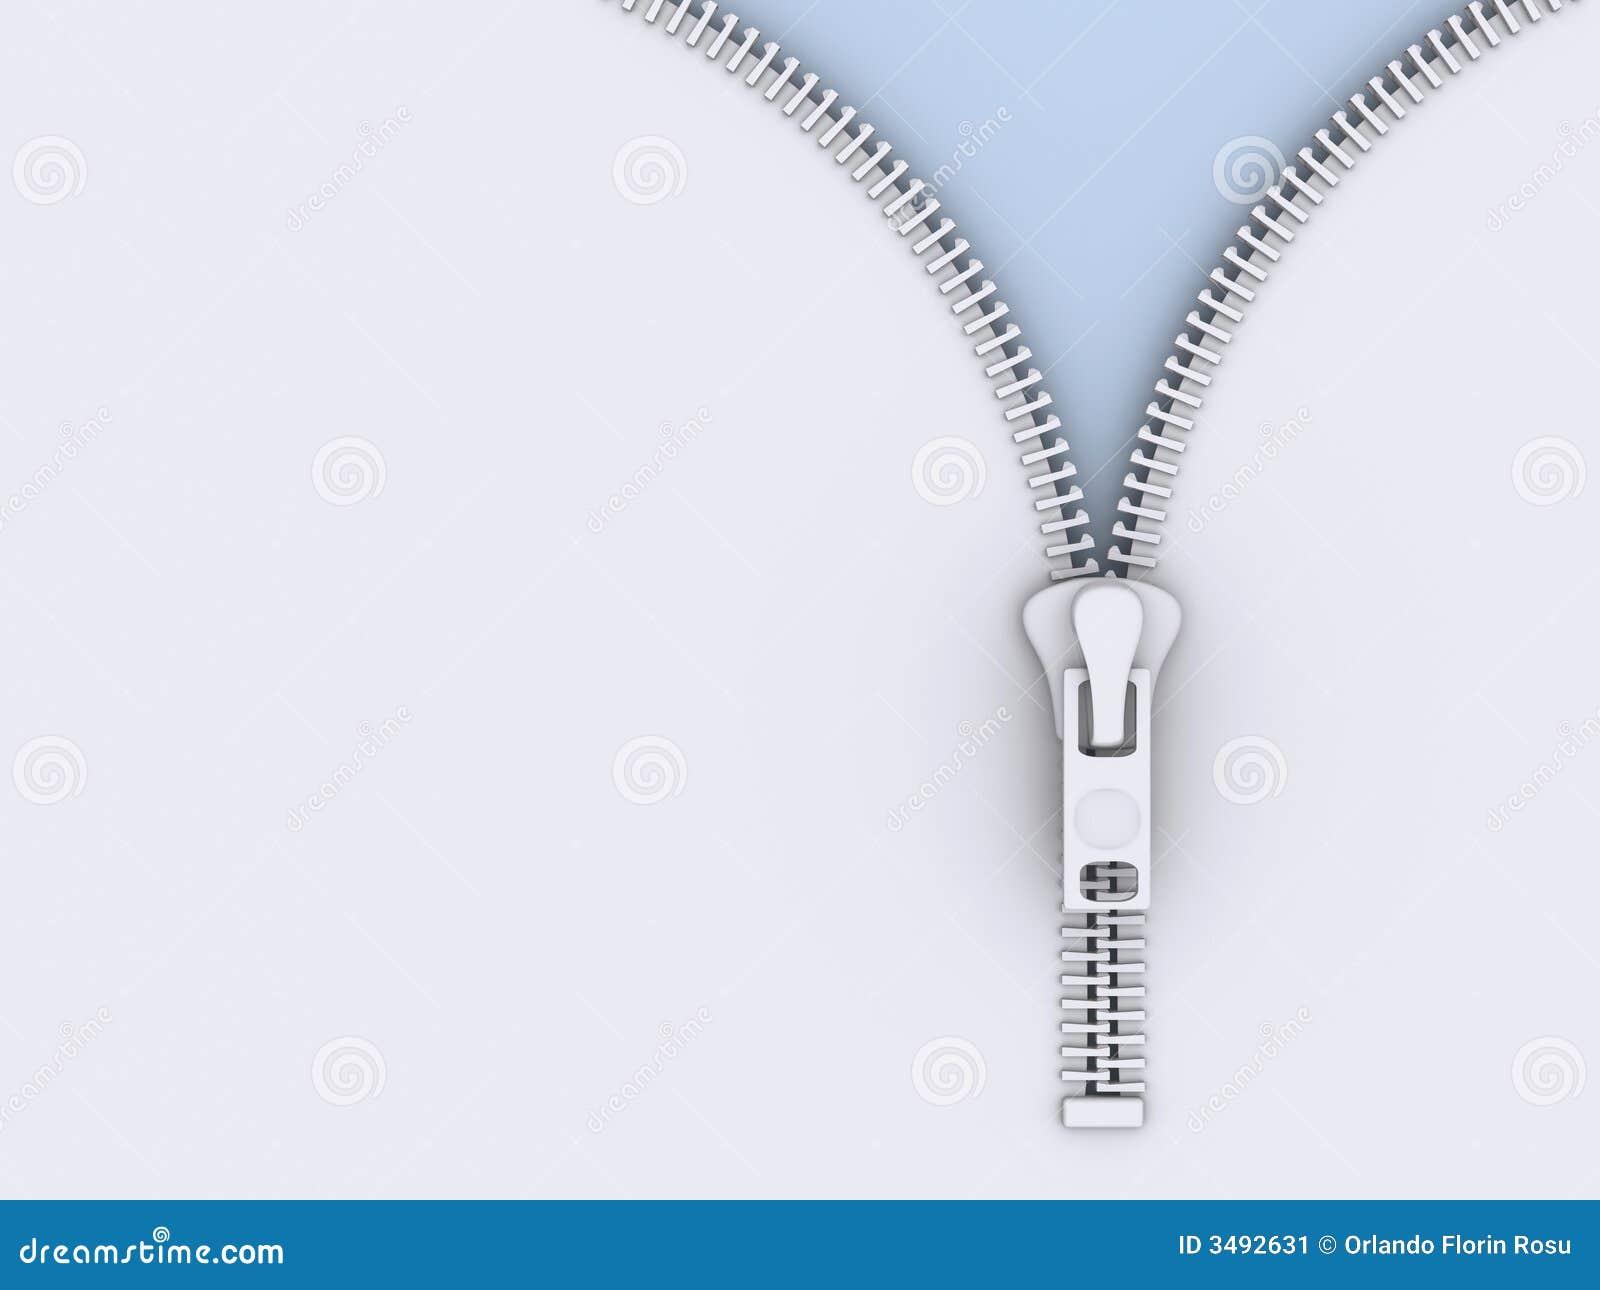 1 zipper